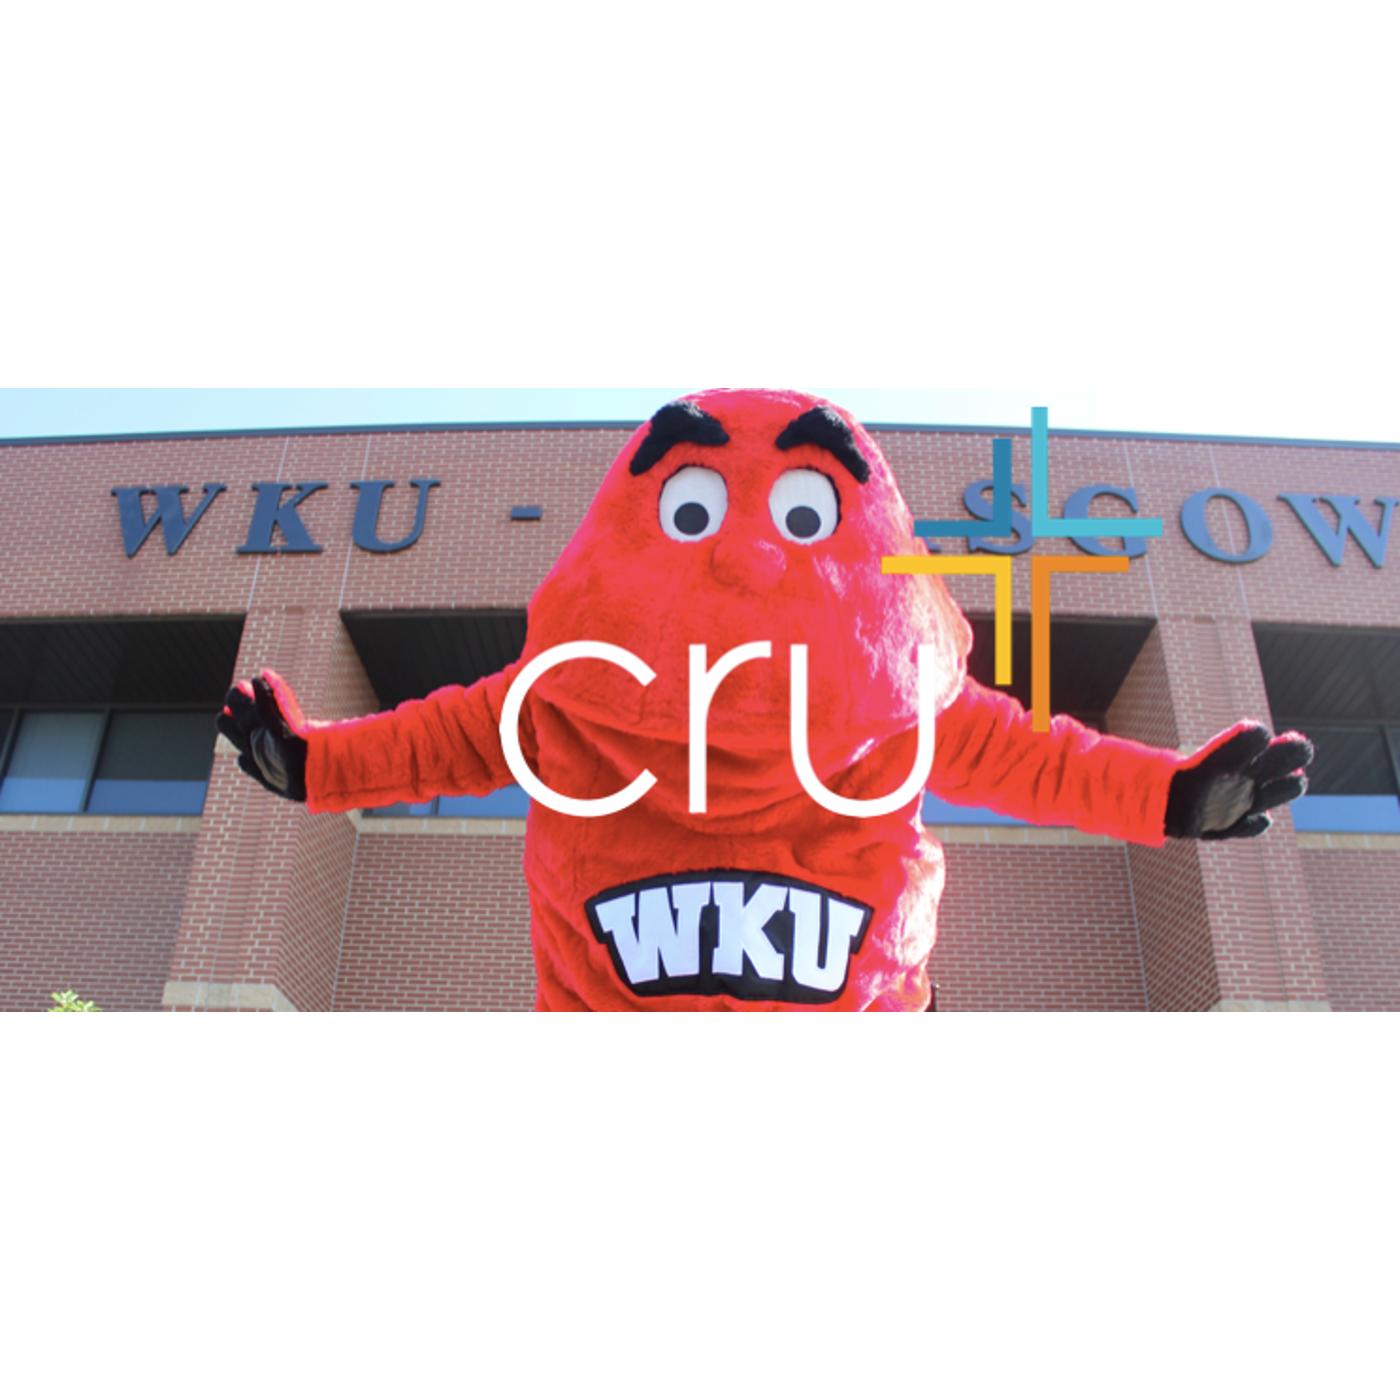 WKU Cru